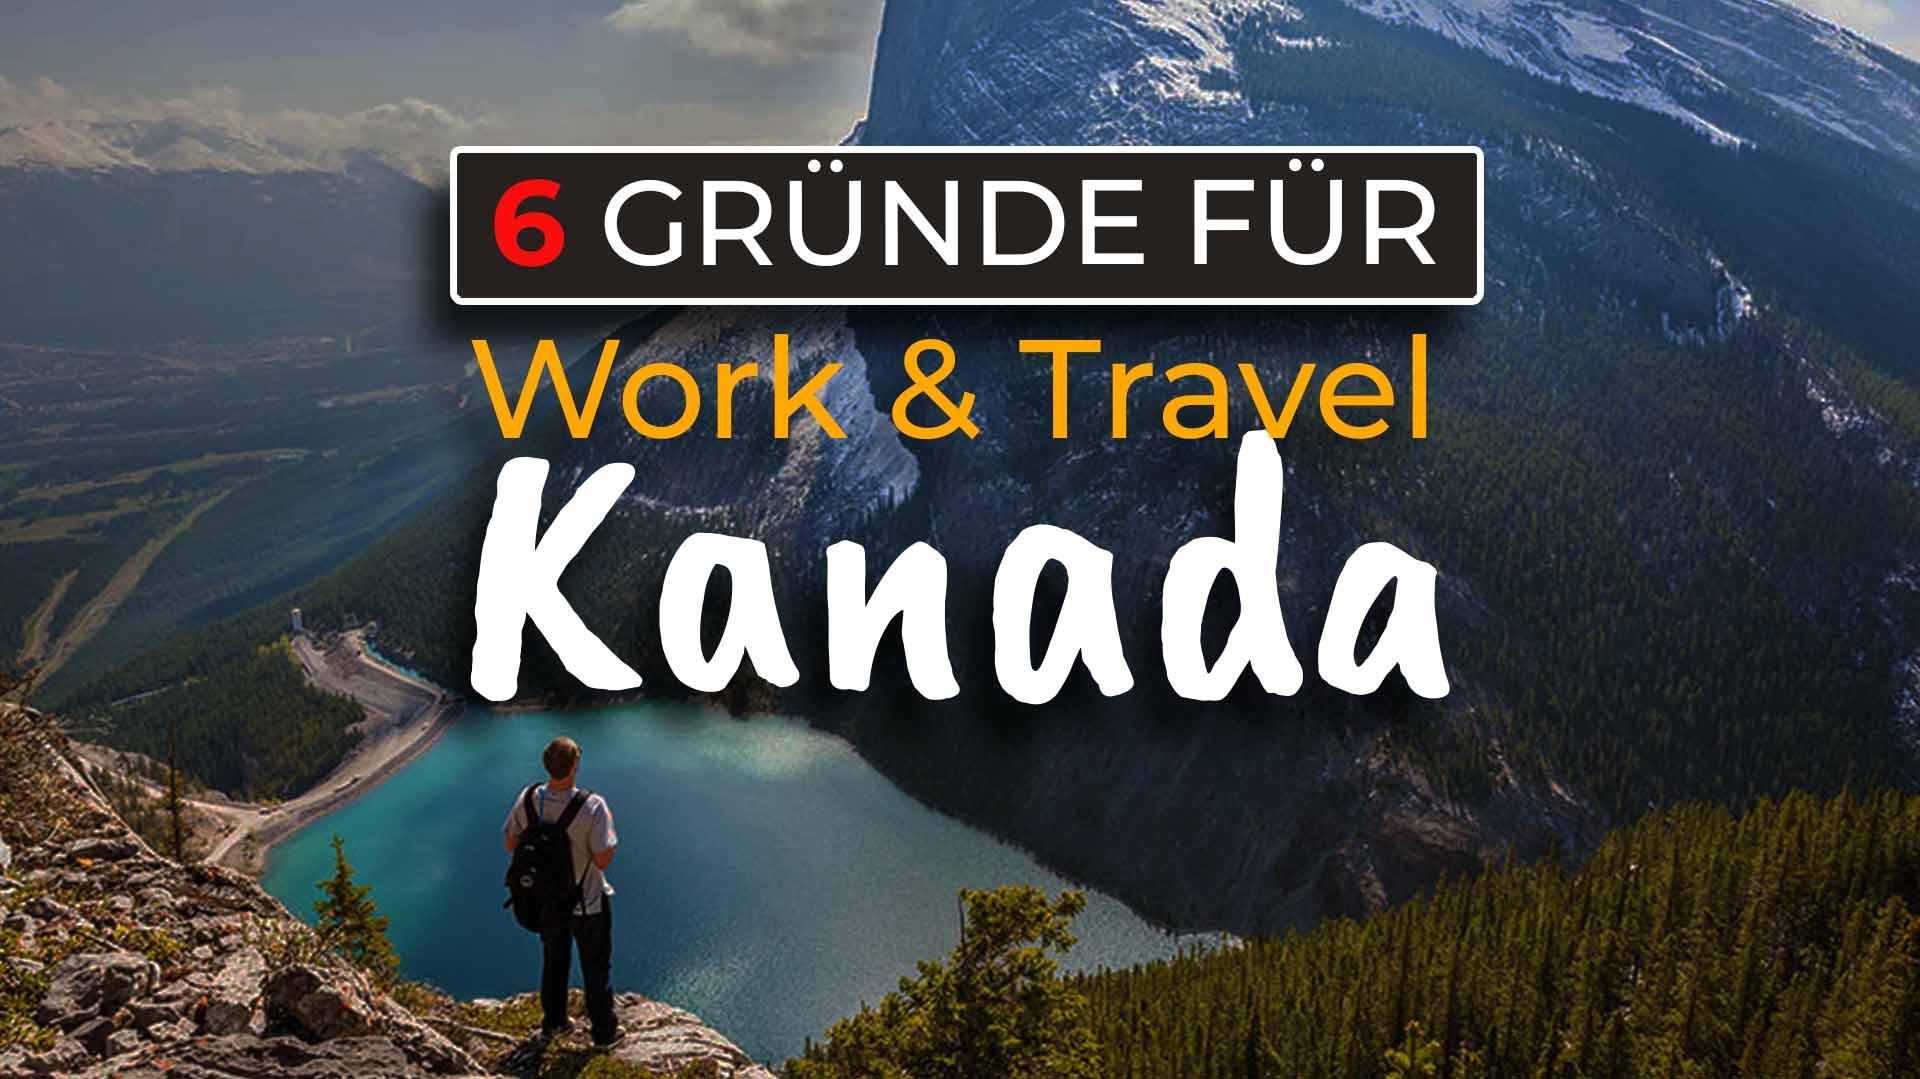 6 Gründer für Work and Travel in Kanada - Cover